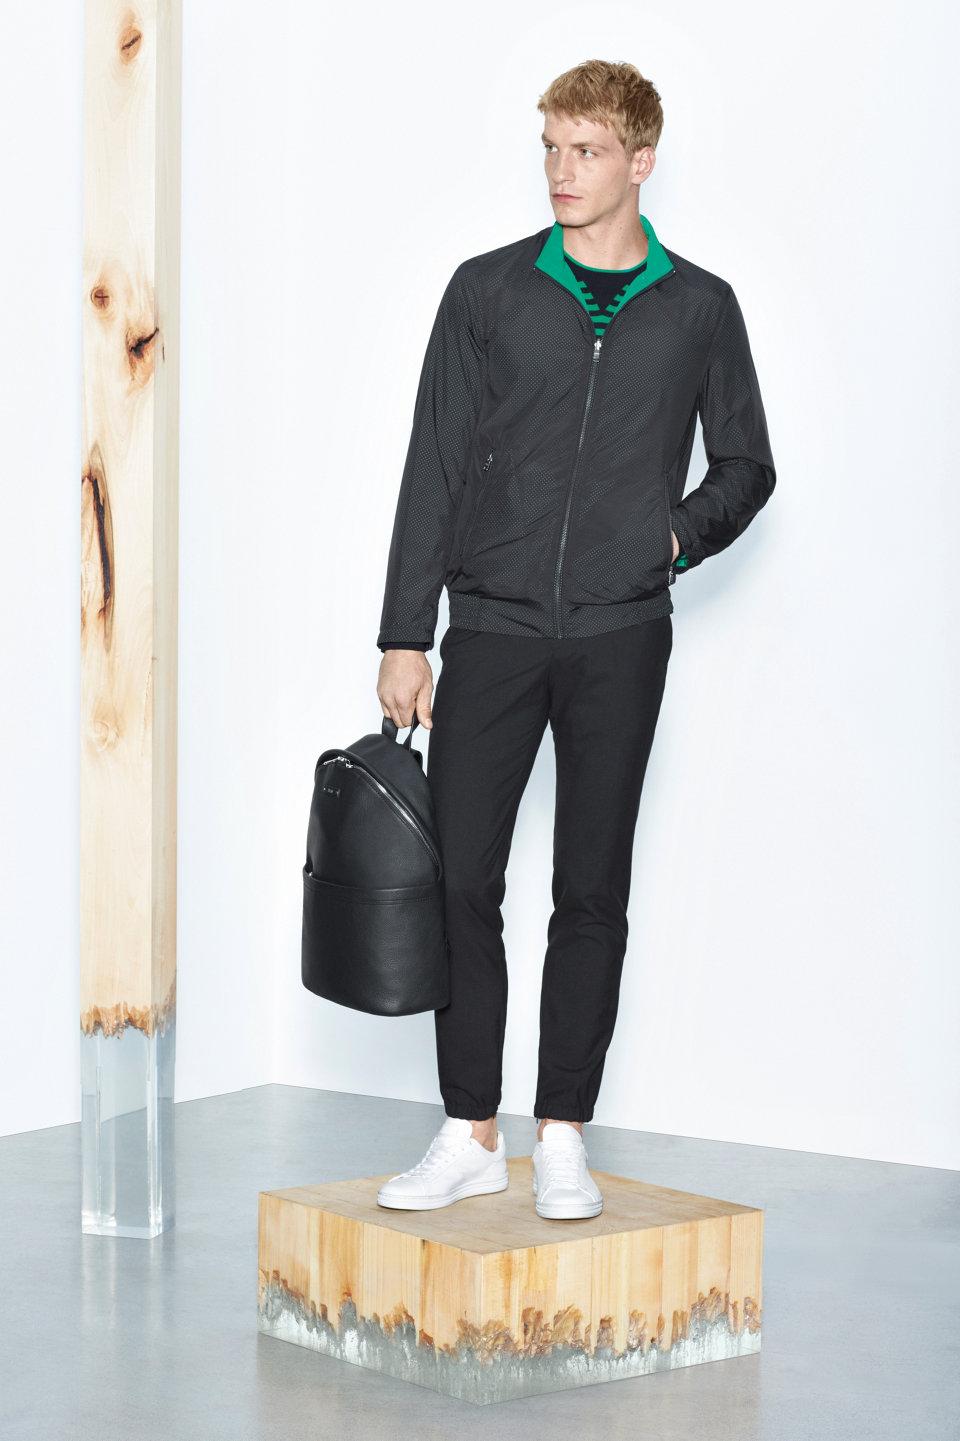 Zwarte jas, zwarte broek en witte sneakersvanBOSS